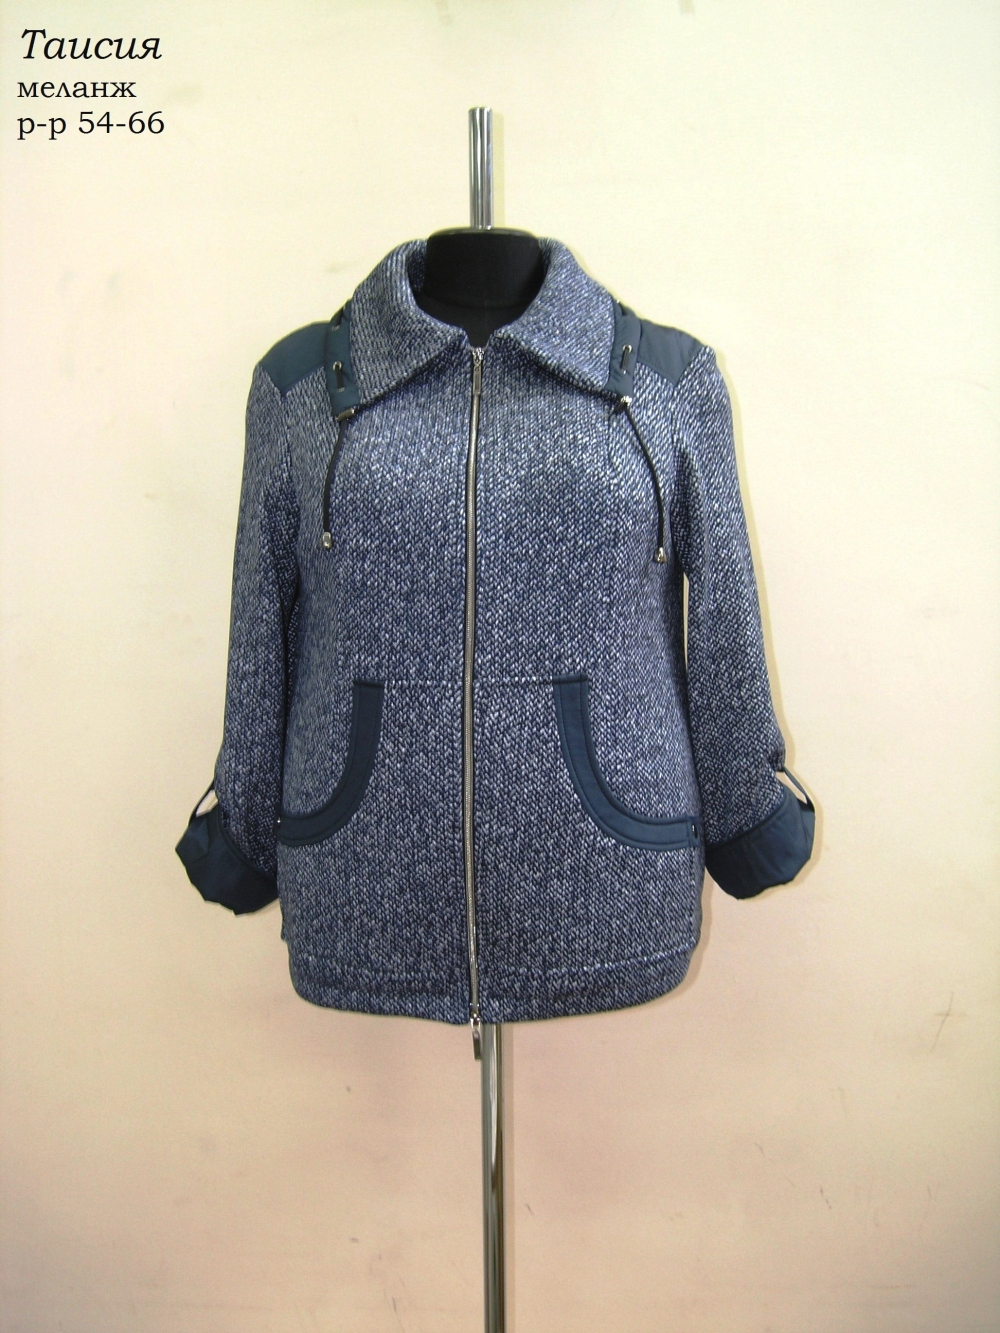 КурткаКуртки<br>Интересная женская куртка с застежкой на молнию и длинными рукавами. Модель выполнена из плотного трикотажа. Отличный выбор для демисезонного периода.  В изделии использованы цвета: серый, синий и др.  Рост девушки-фотомодели 172 см<br><br>Воротник: Отложной<br>Застежка: С молнией<br>По силуэту: Полуприталенные<br>По стилю: Повседневный стиль<br>По элементам: С отделочной фурнитурой,С патами<br>Рукав: Длинный рукав<br>По сезону: Осень,Весна<br>По длине: Короткие<br>По рисунку: Цветные<br>Размер : 56,58,60,62,66<br>Материал: Трикотаж<br>Количество в наличии: 5